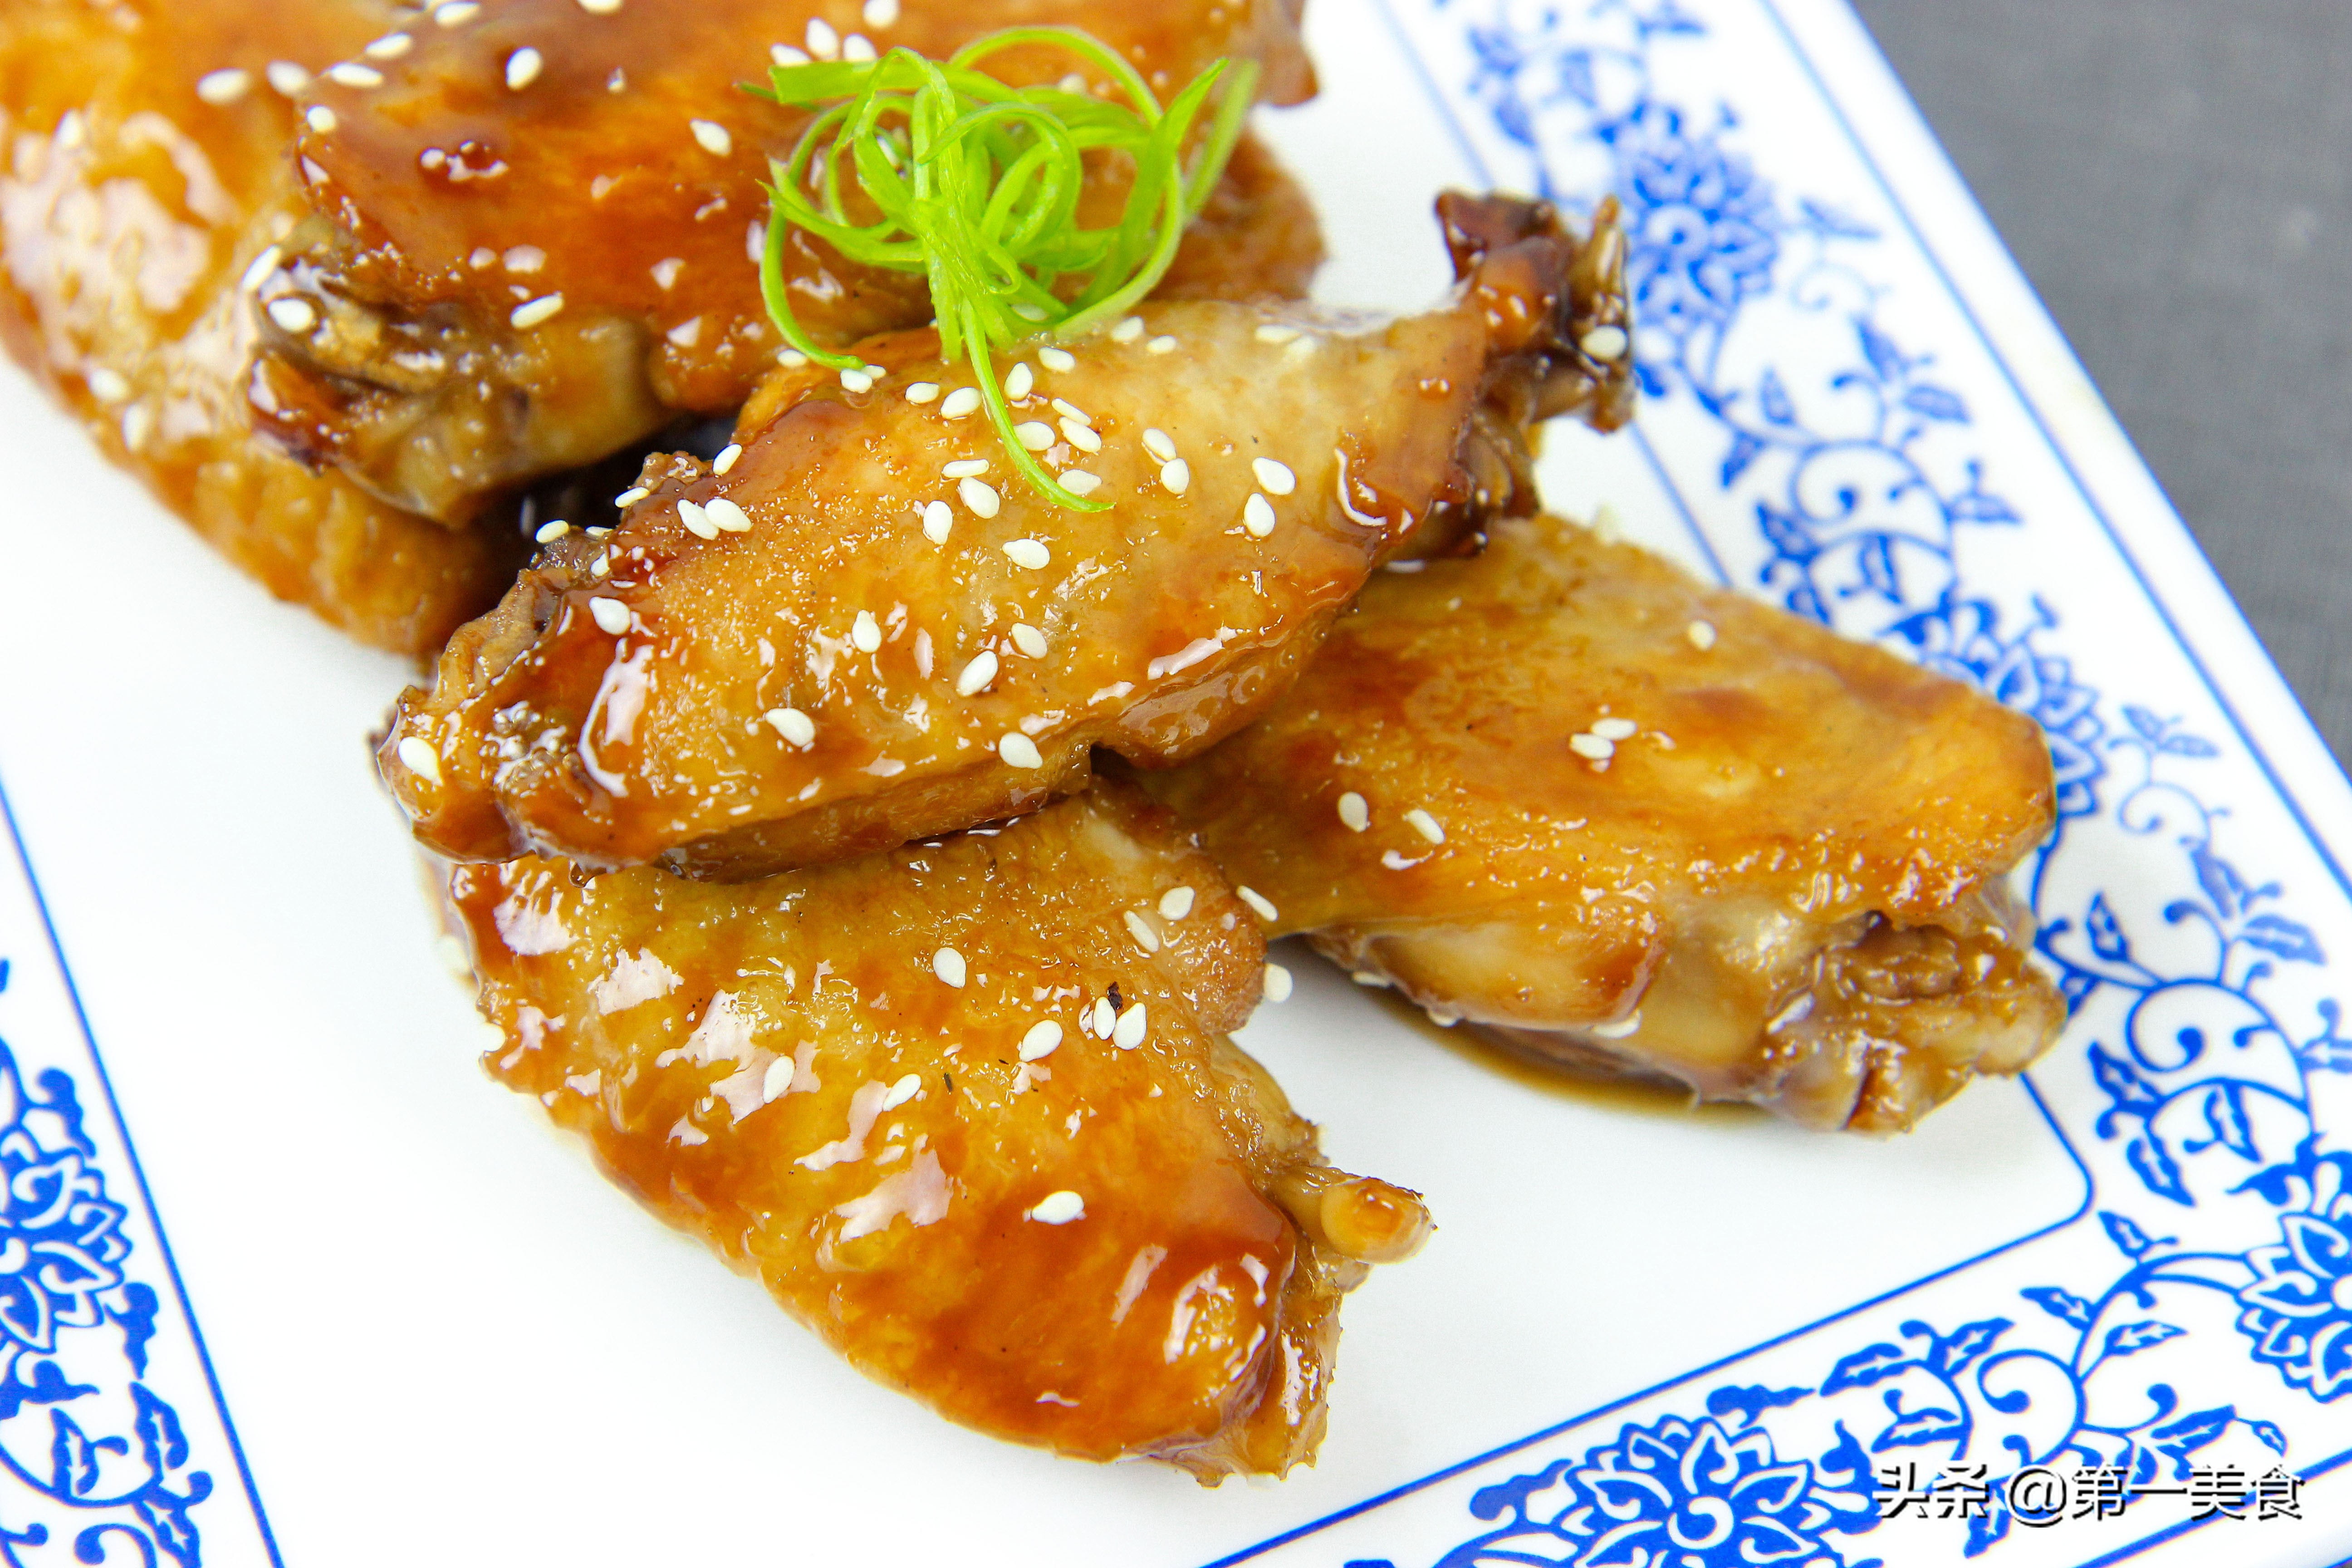 """可乐鸡翅""""的做法,香浓滑嫩,软烂脱骨,好吃不油腻 美食做法 第1张"""